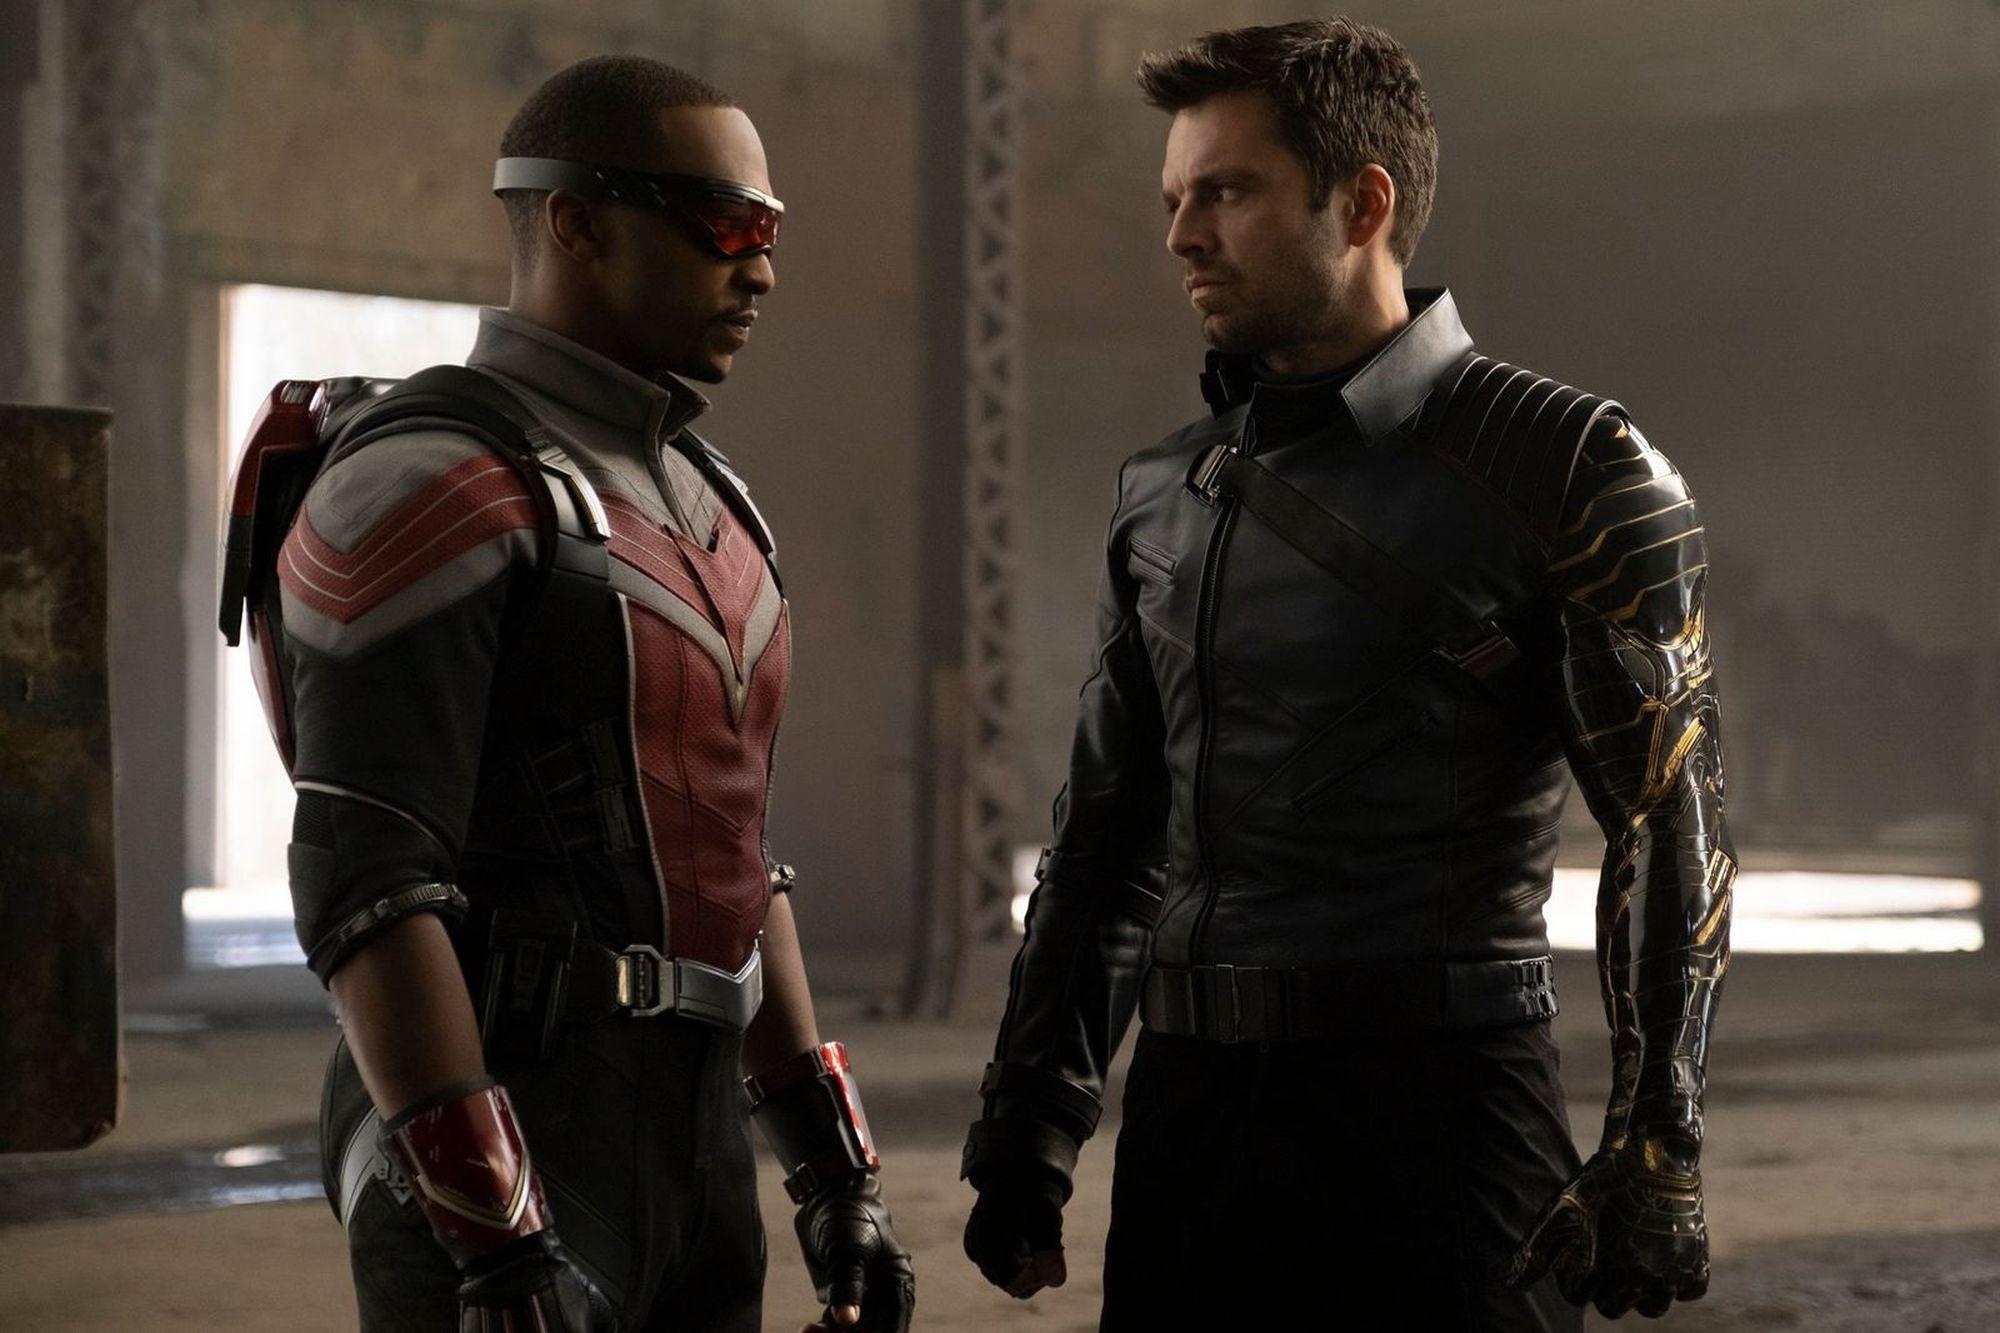 Quali personaggi del MCU compariranno in The Falcon and the Winter Soldier